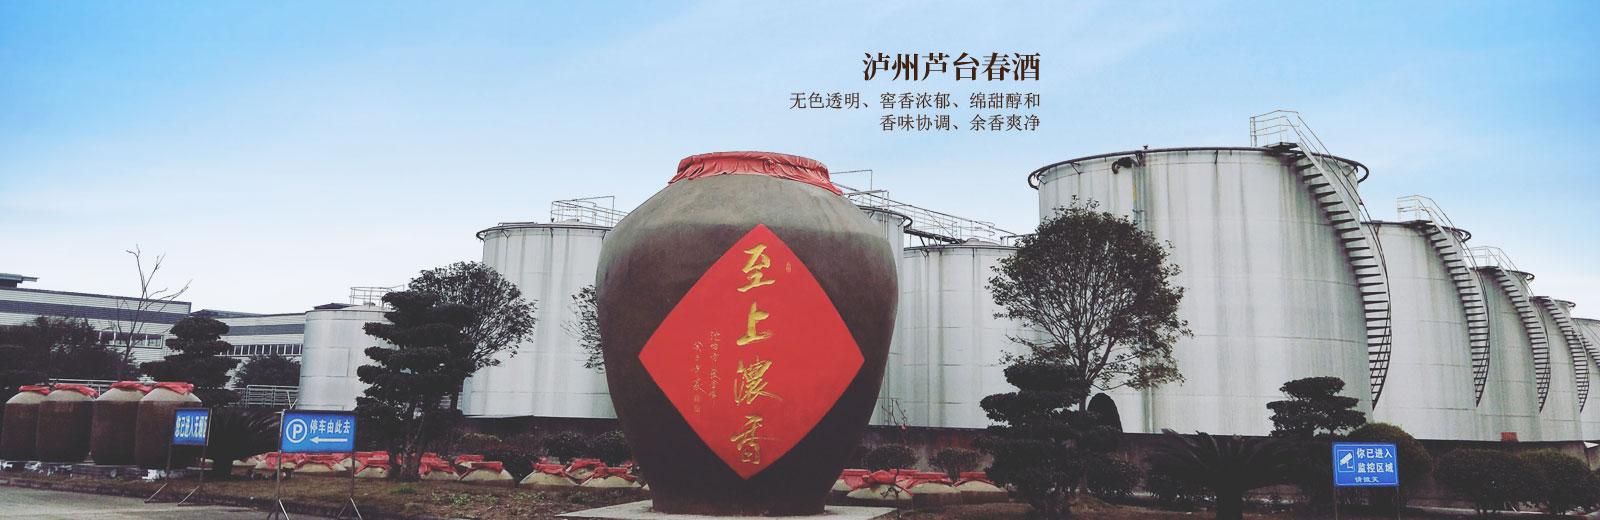 芦苔春酒窖